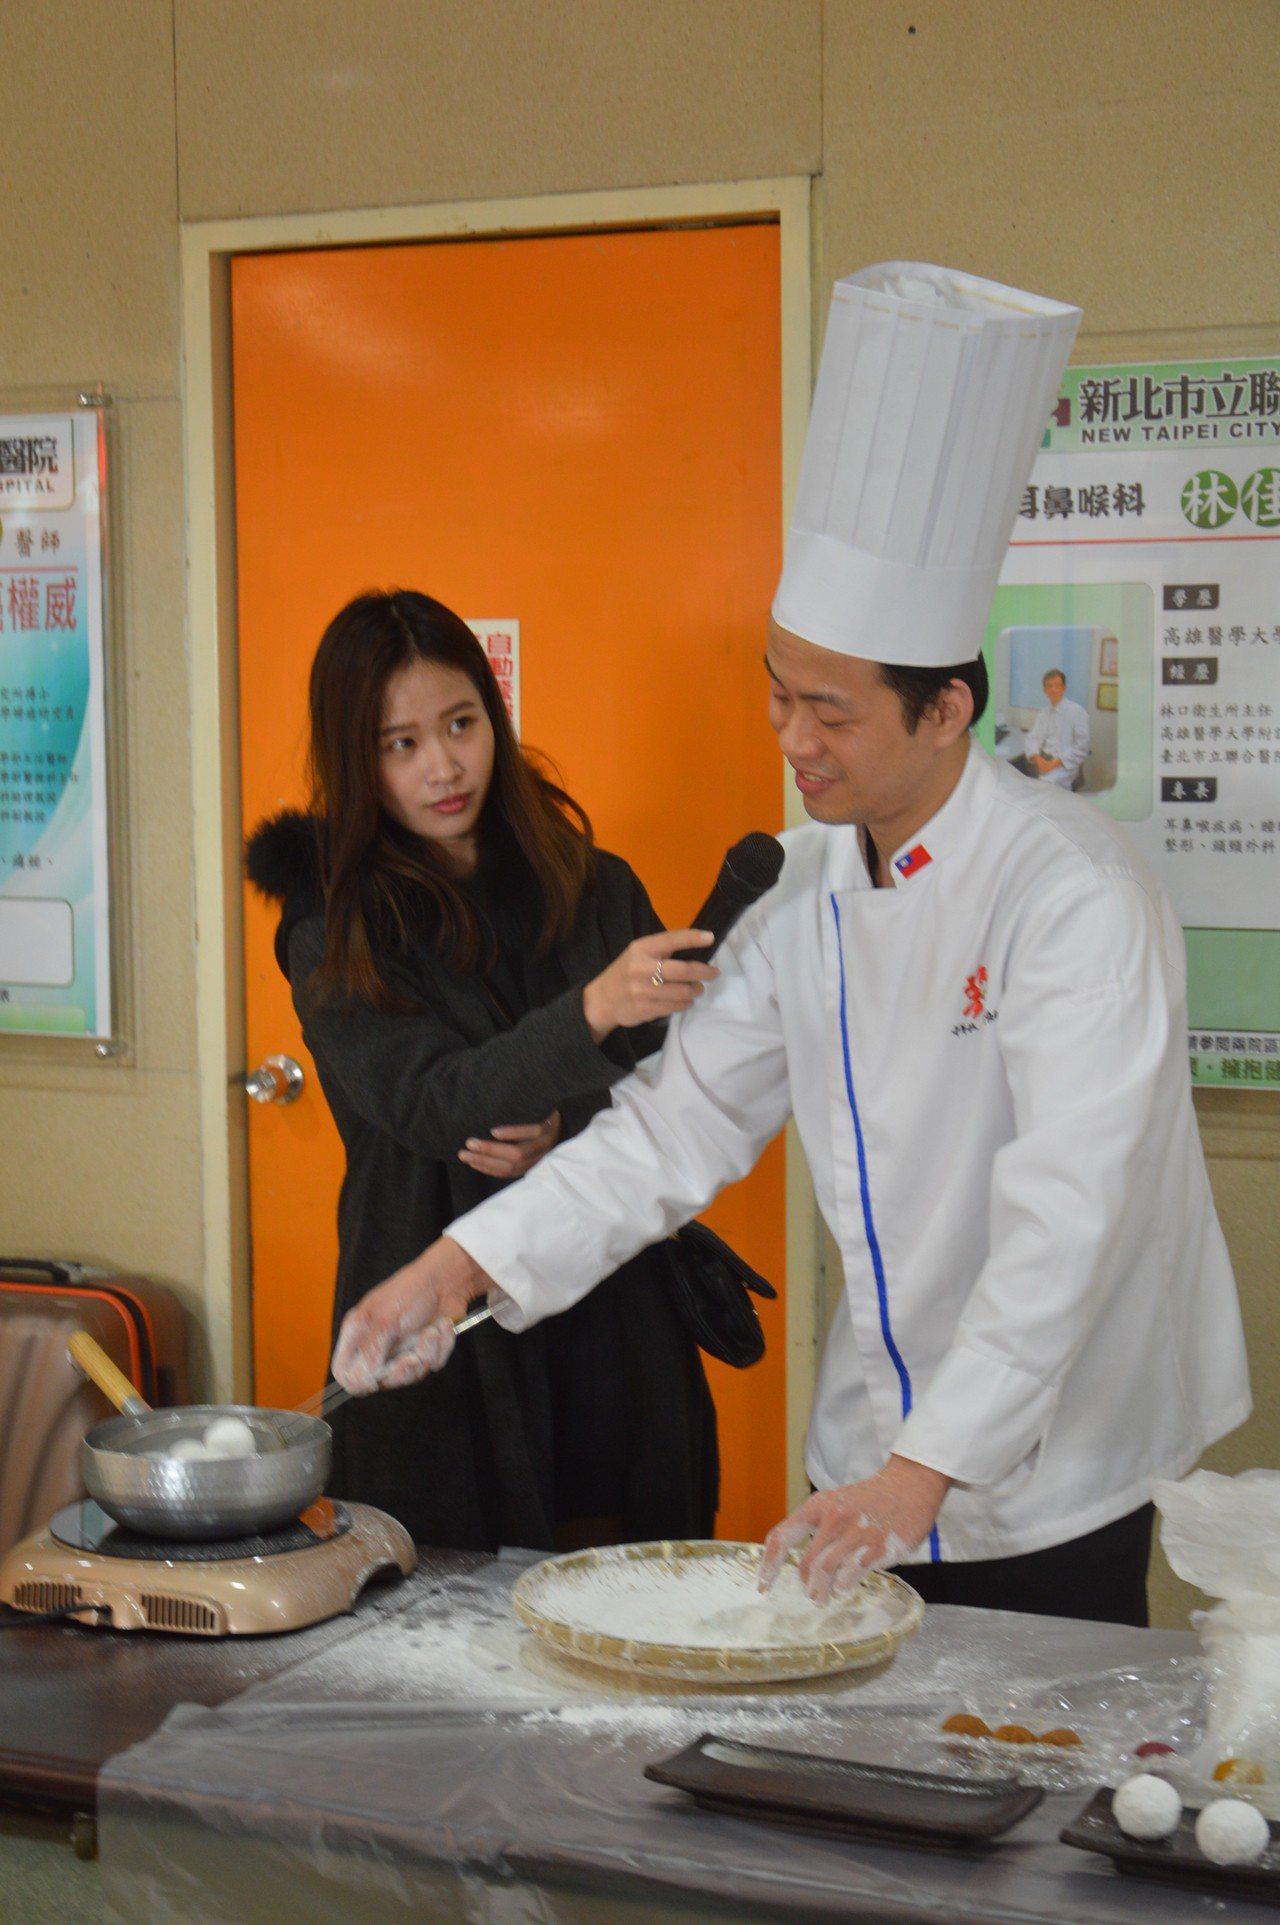 張晏瑜(右)示範如何搖元宵。記者施鴻基/攝影